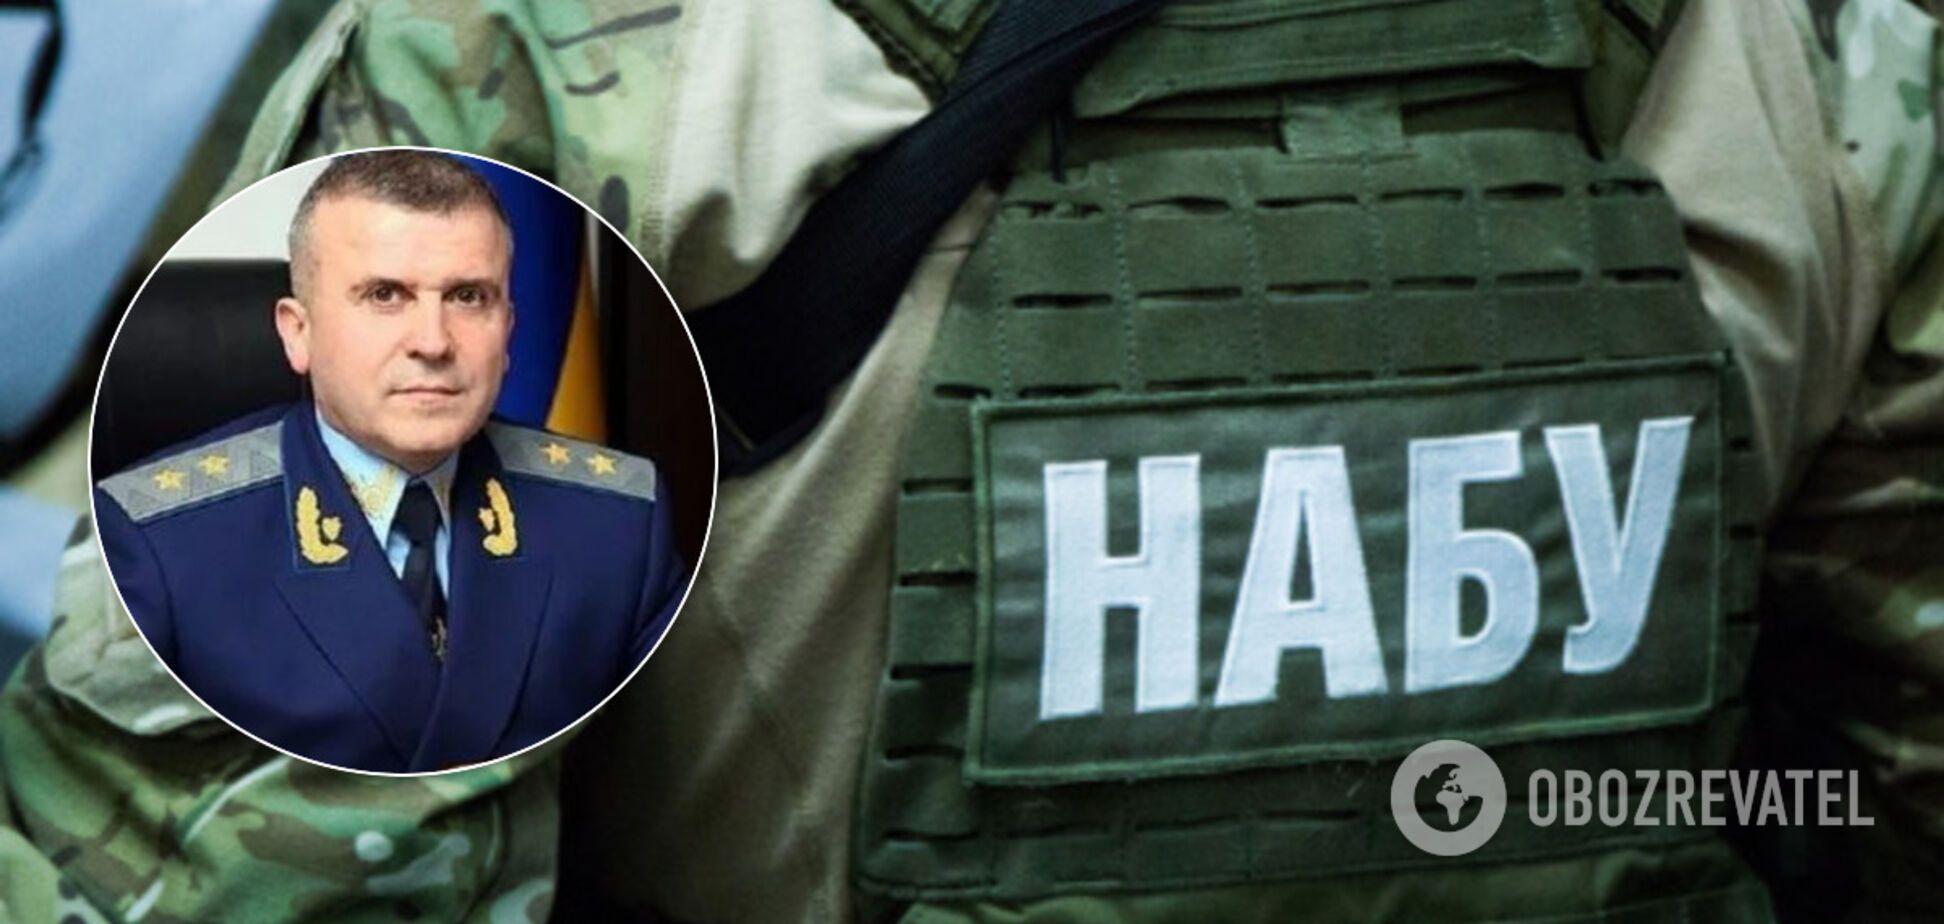 Заява НАБУ про невиконання рішення суду є порушенням Конституції, – ексзаступник генпрокурора